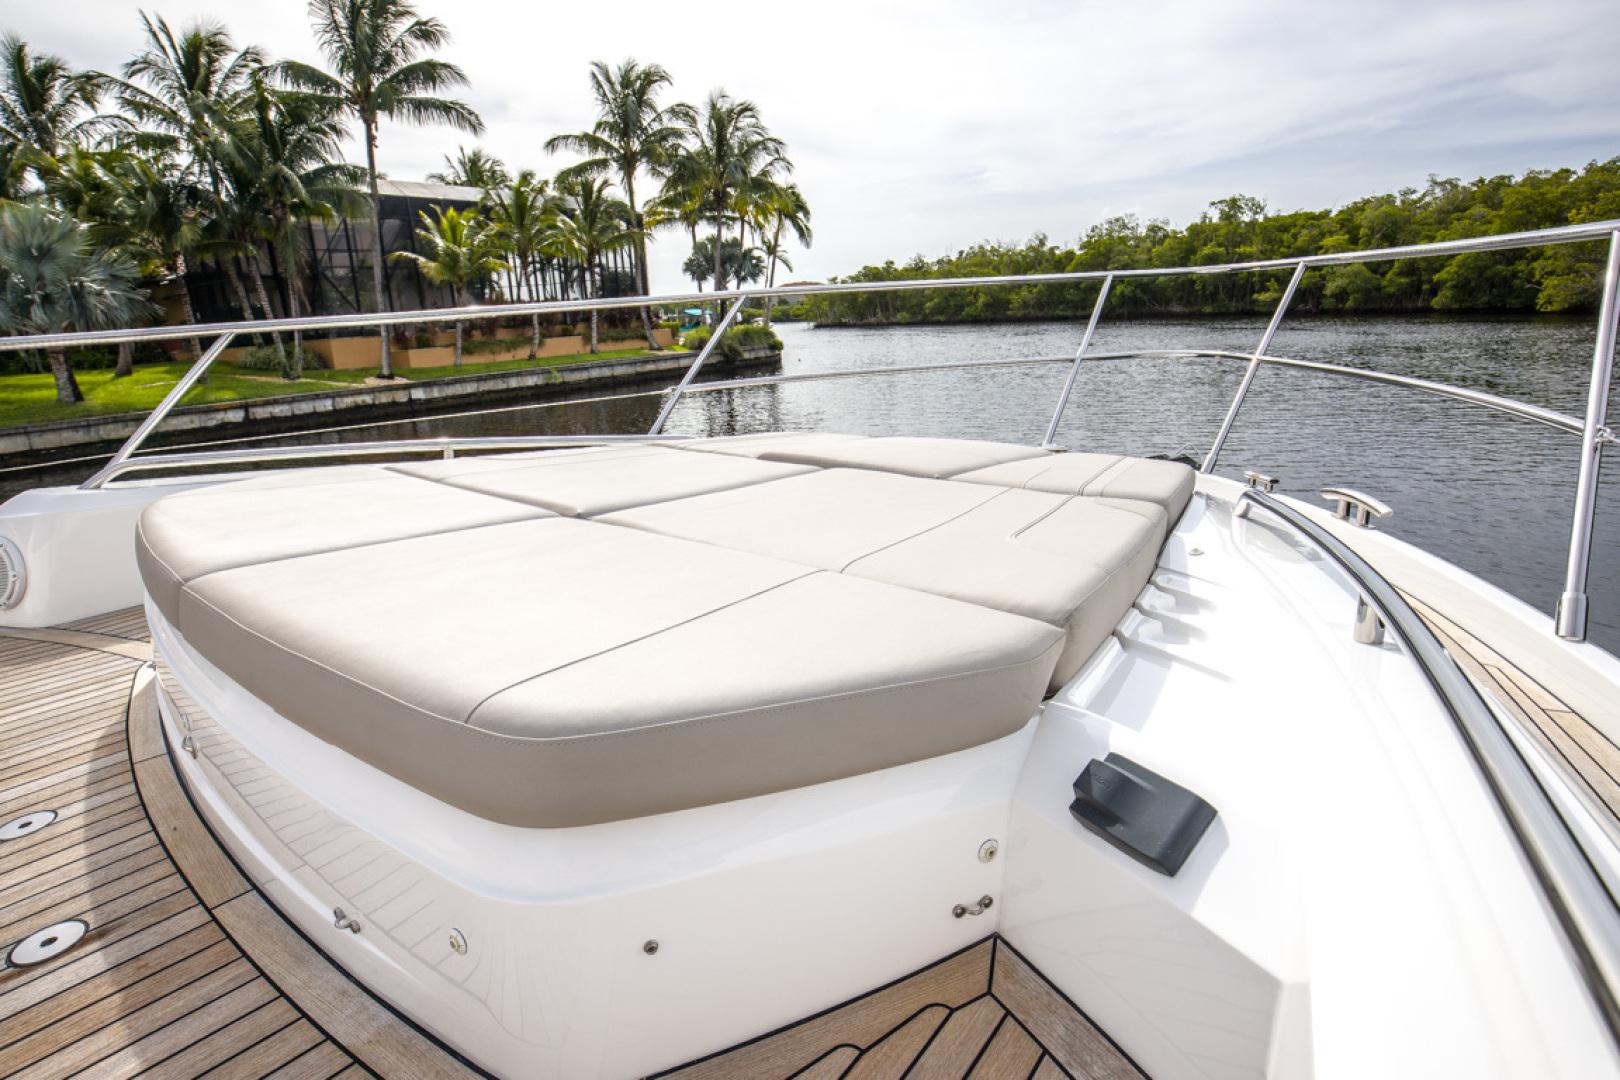 Princess-S65 2019-Paragon Cape Coral-Florida-United States-2019 65 Princess S65-Paragon-Bow Deck Seating-1510283 | Thumbnail